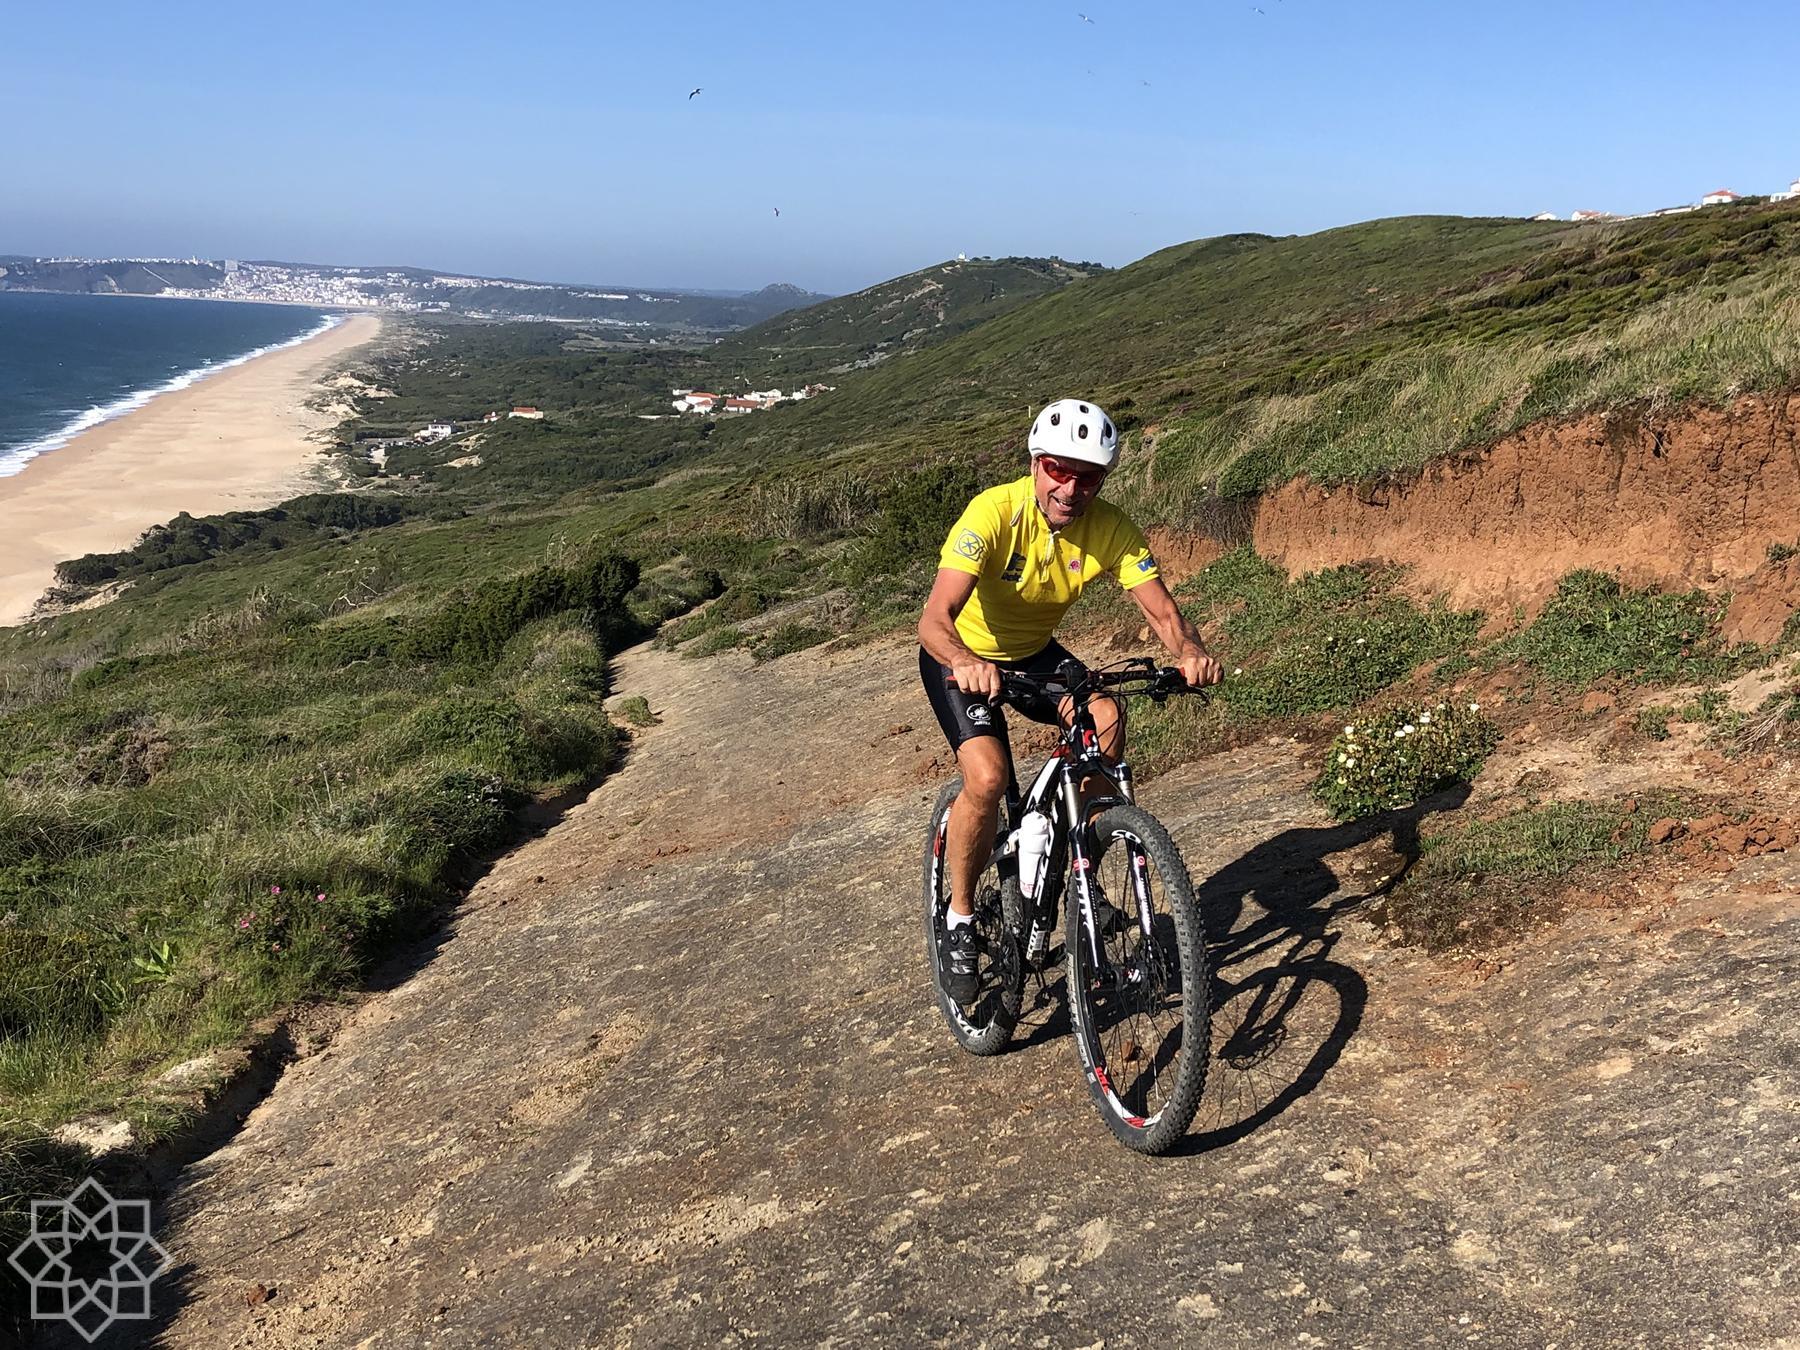 Med Salgadostranden i bakgrunden. Här ska du helst cykla åt andra hållet. Medurs.